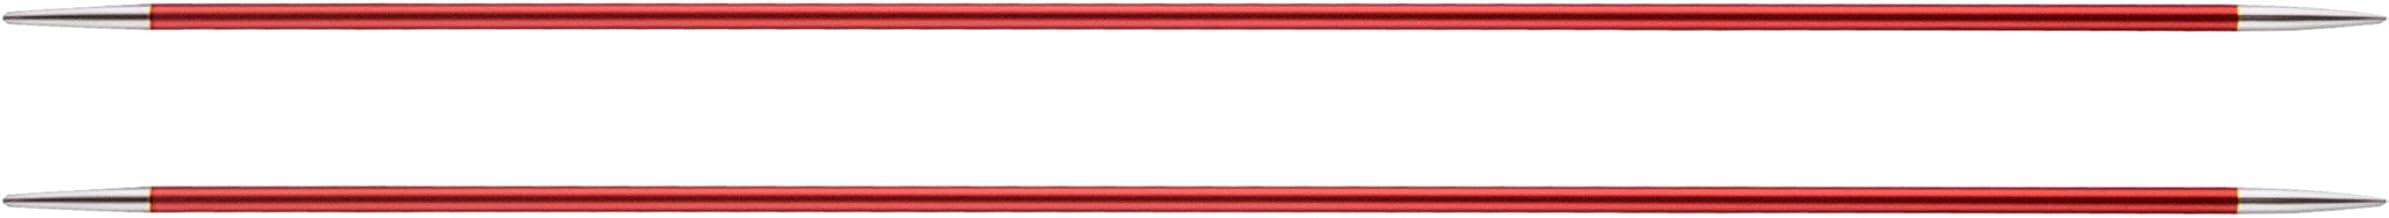 Knit Pro 15 cm x 4,50 mm Aluminio Zing de Tejer de Doble Punta para Morado